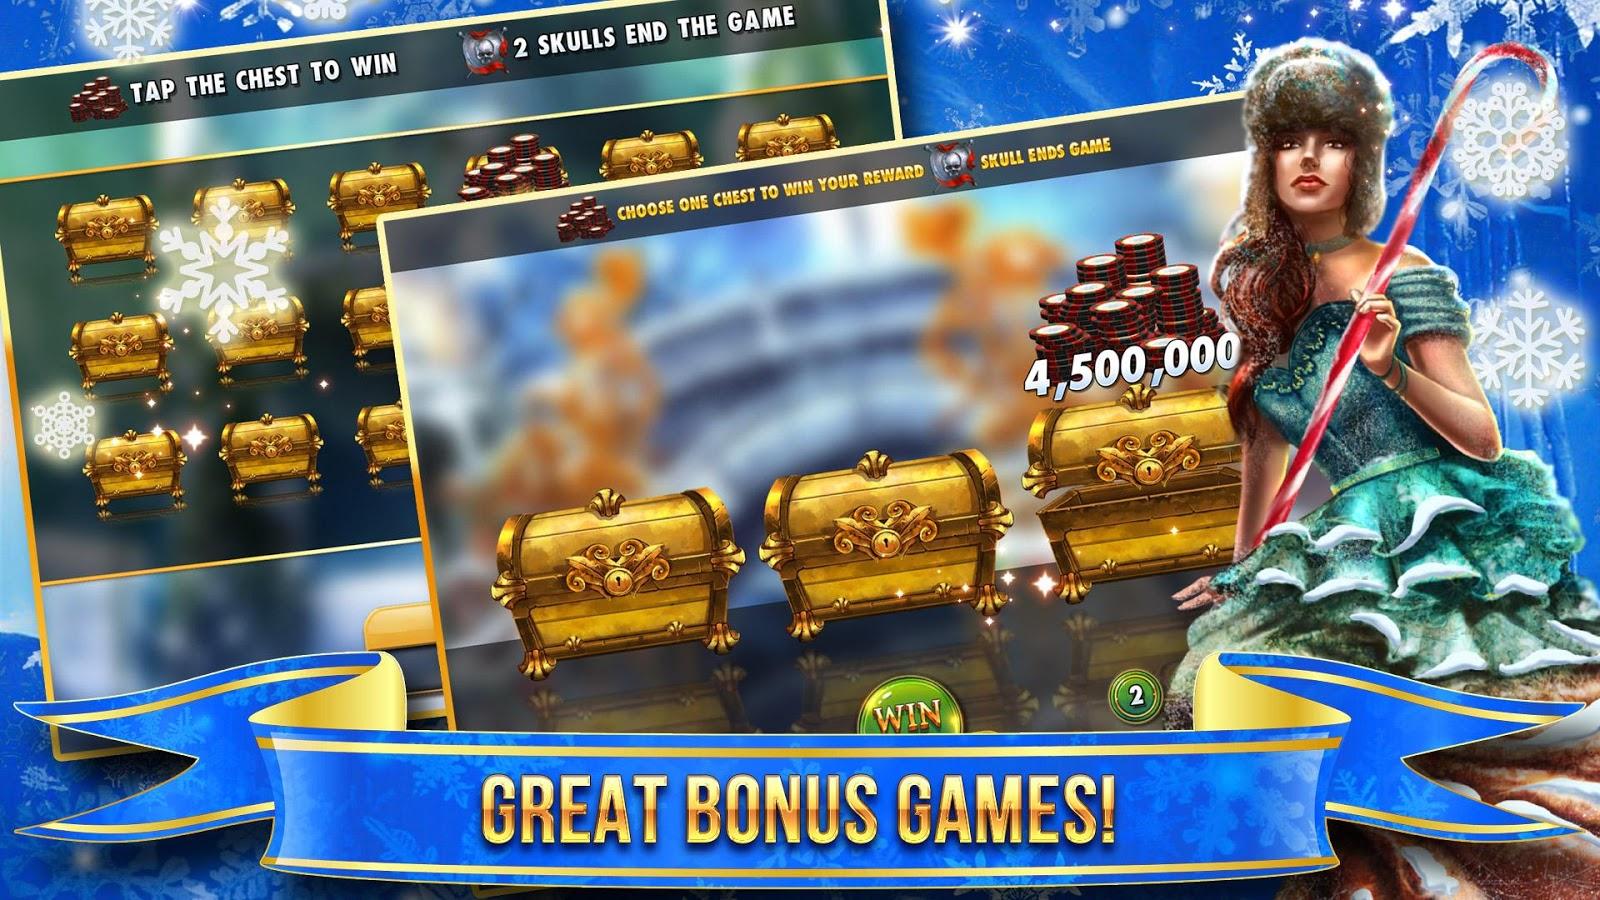 offline slot machine game download